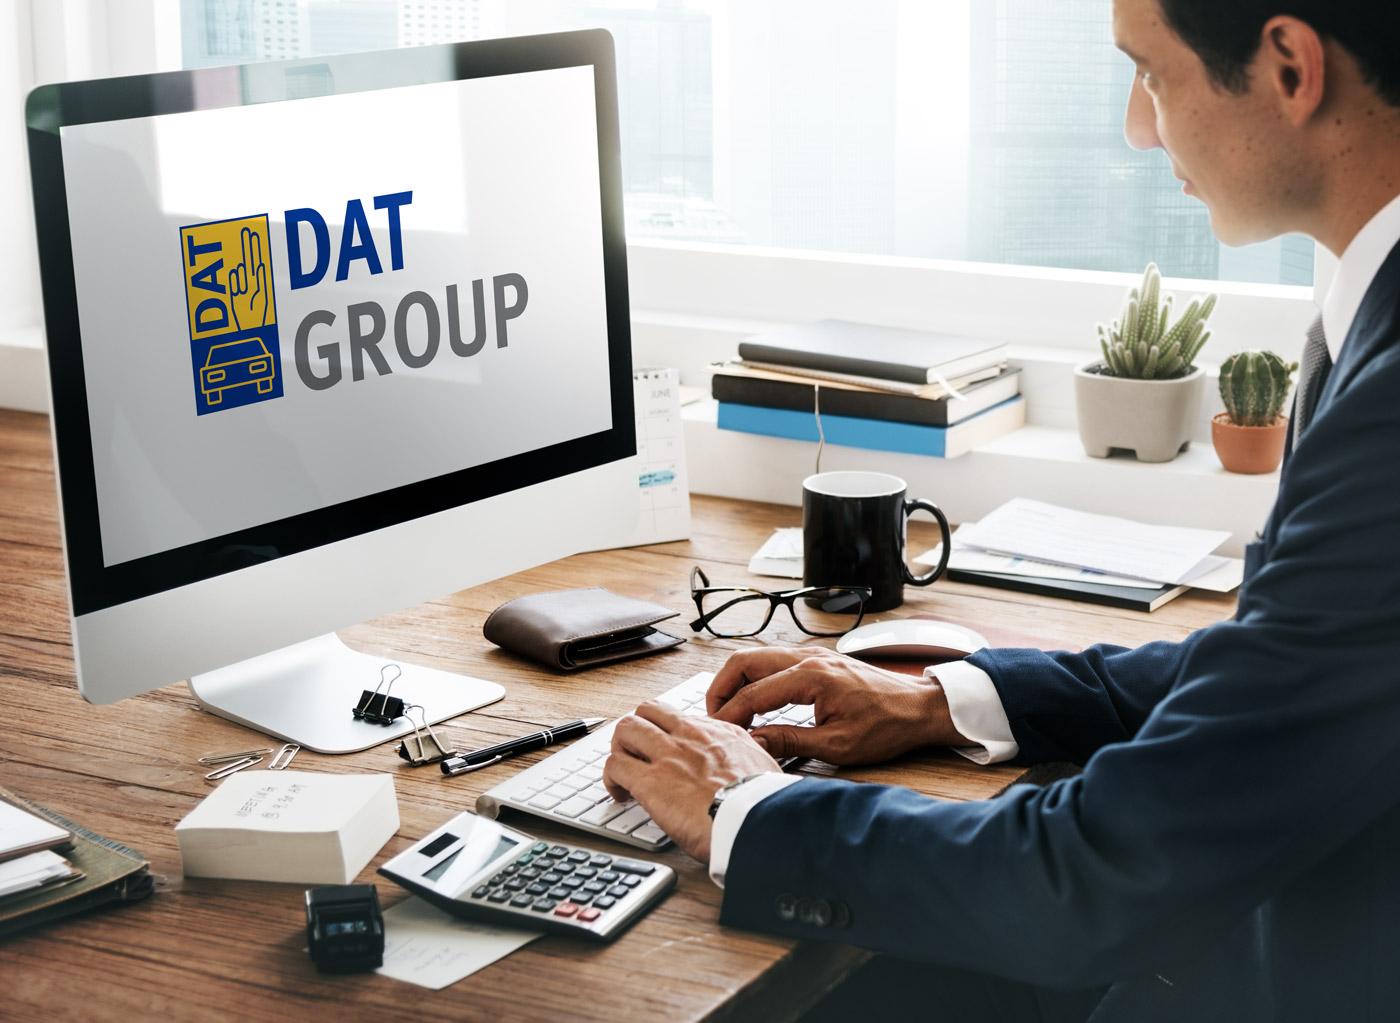 Mitarbeiter benutzen DAT Software